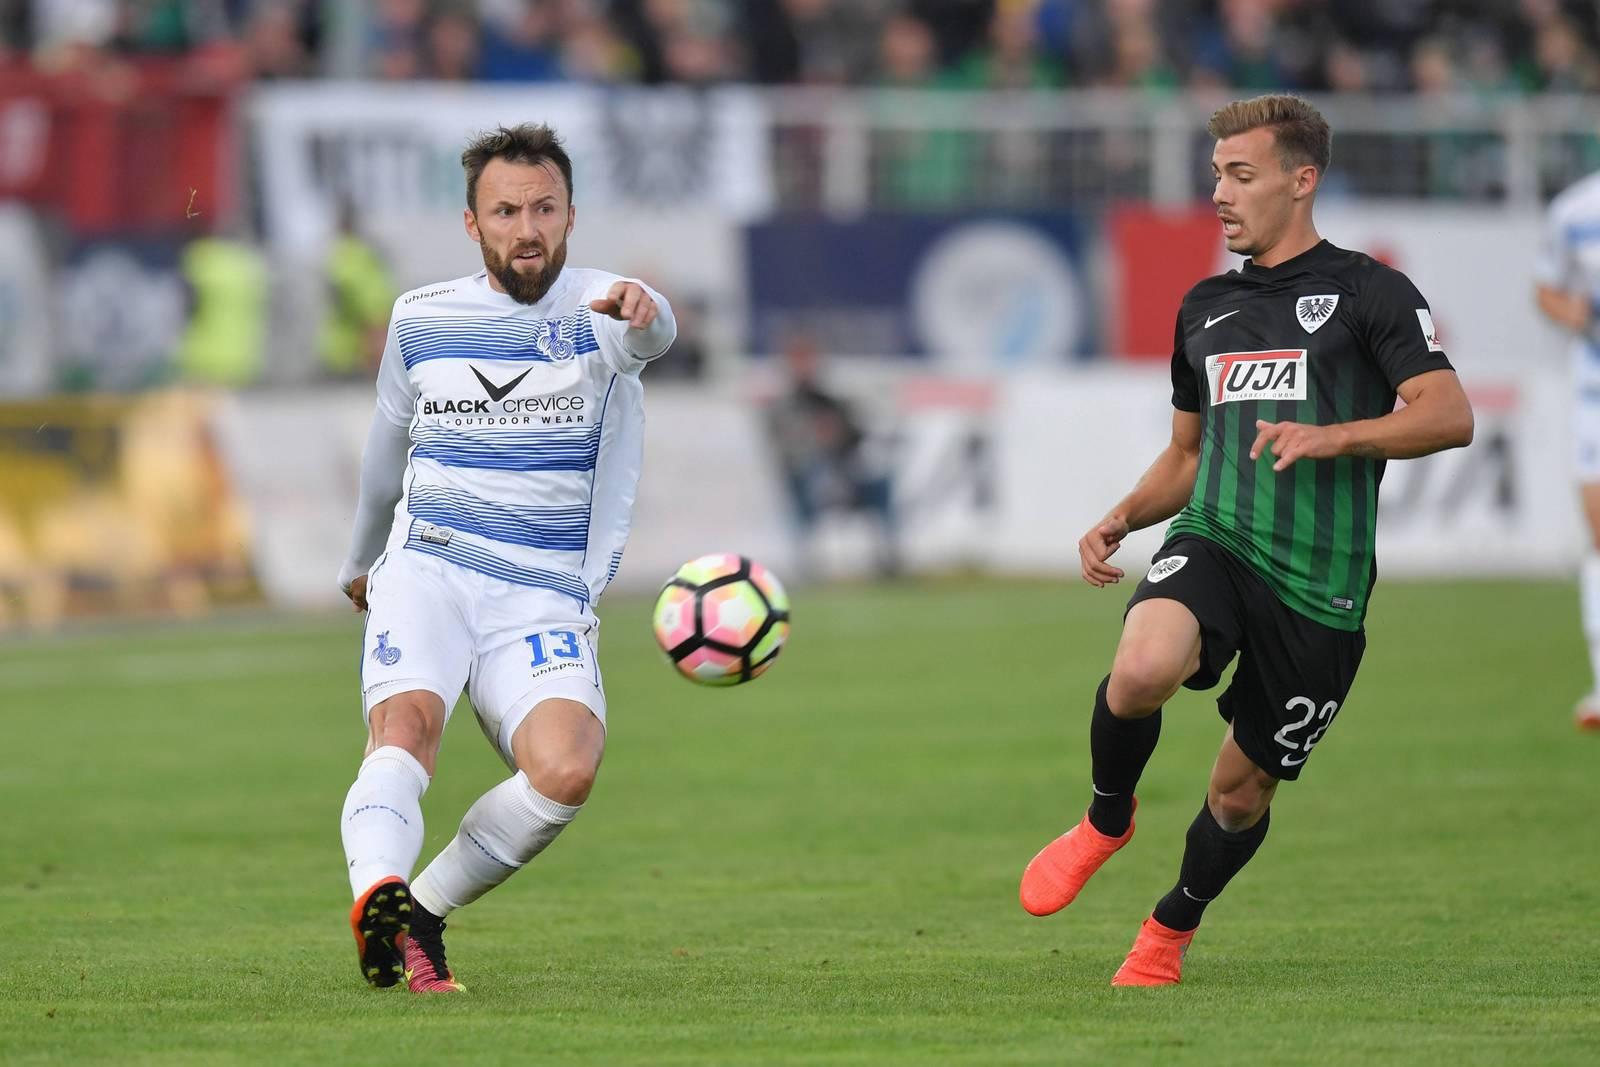 Zlatko Janjic im Duell mit Sinan Tekerci. Jetzt auf MSV Duisburg gegen Preußen Münster wetten!